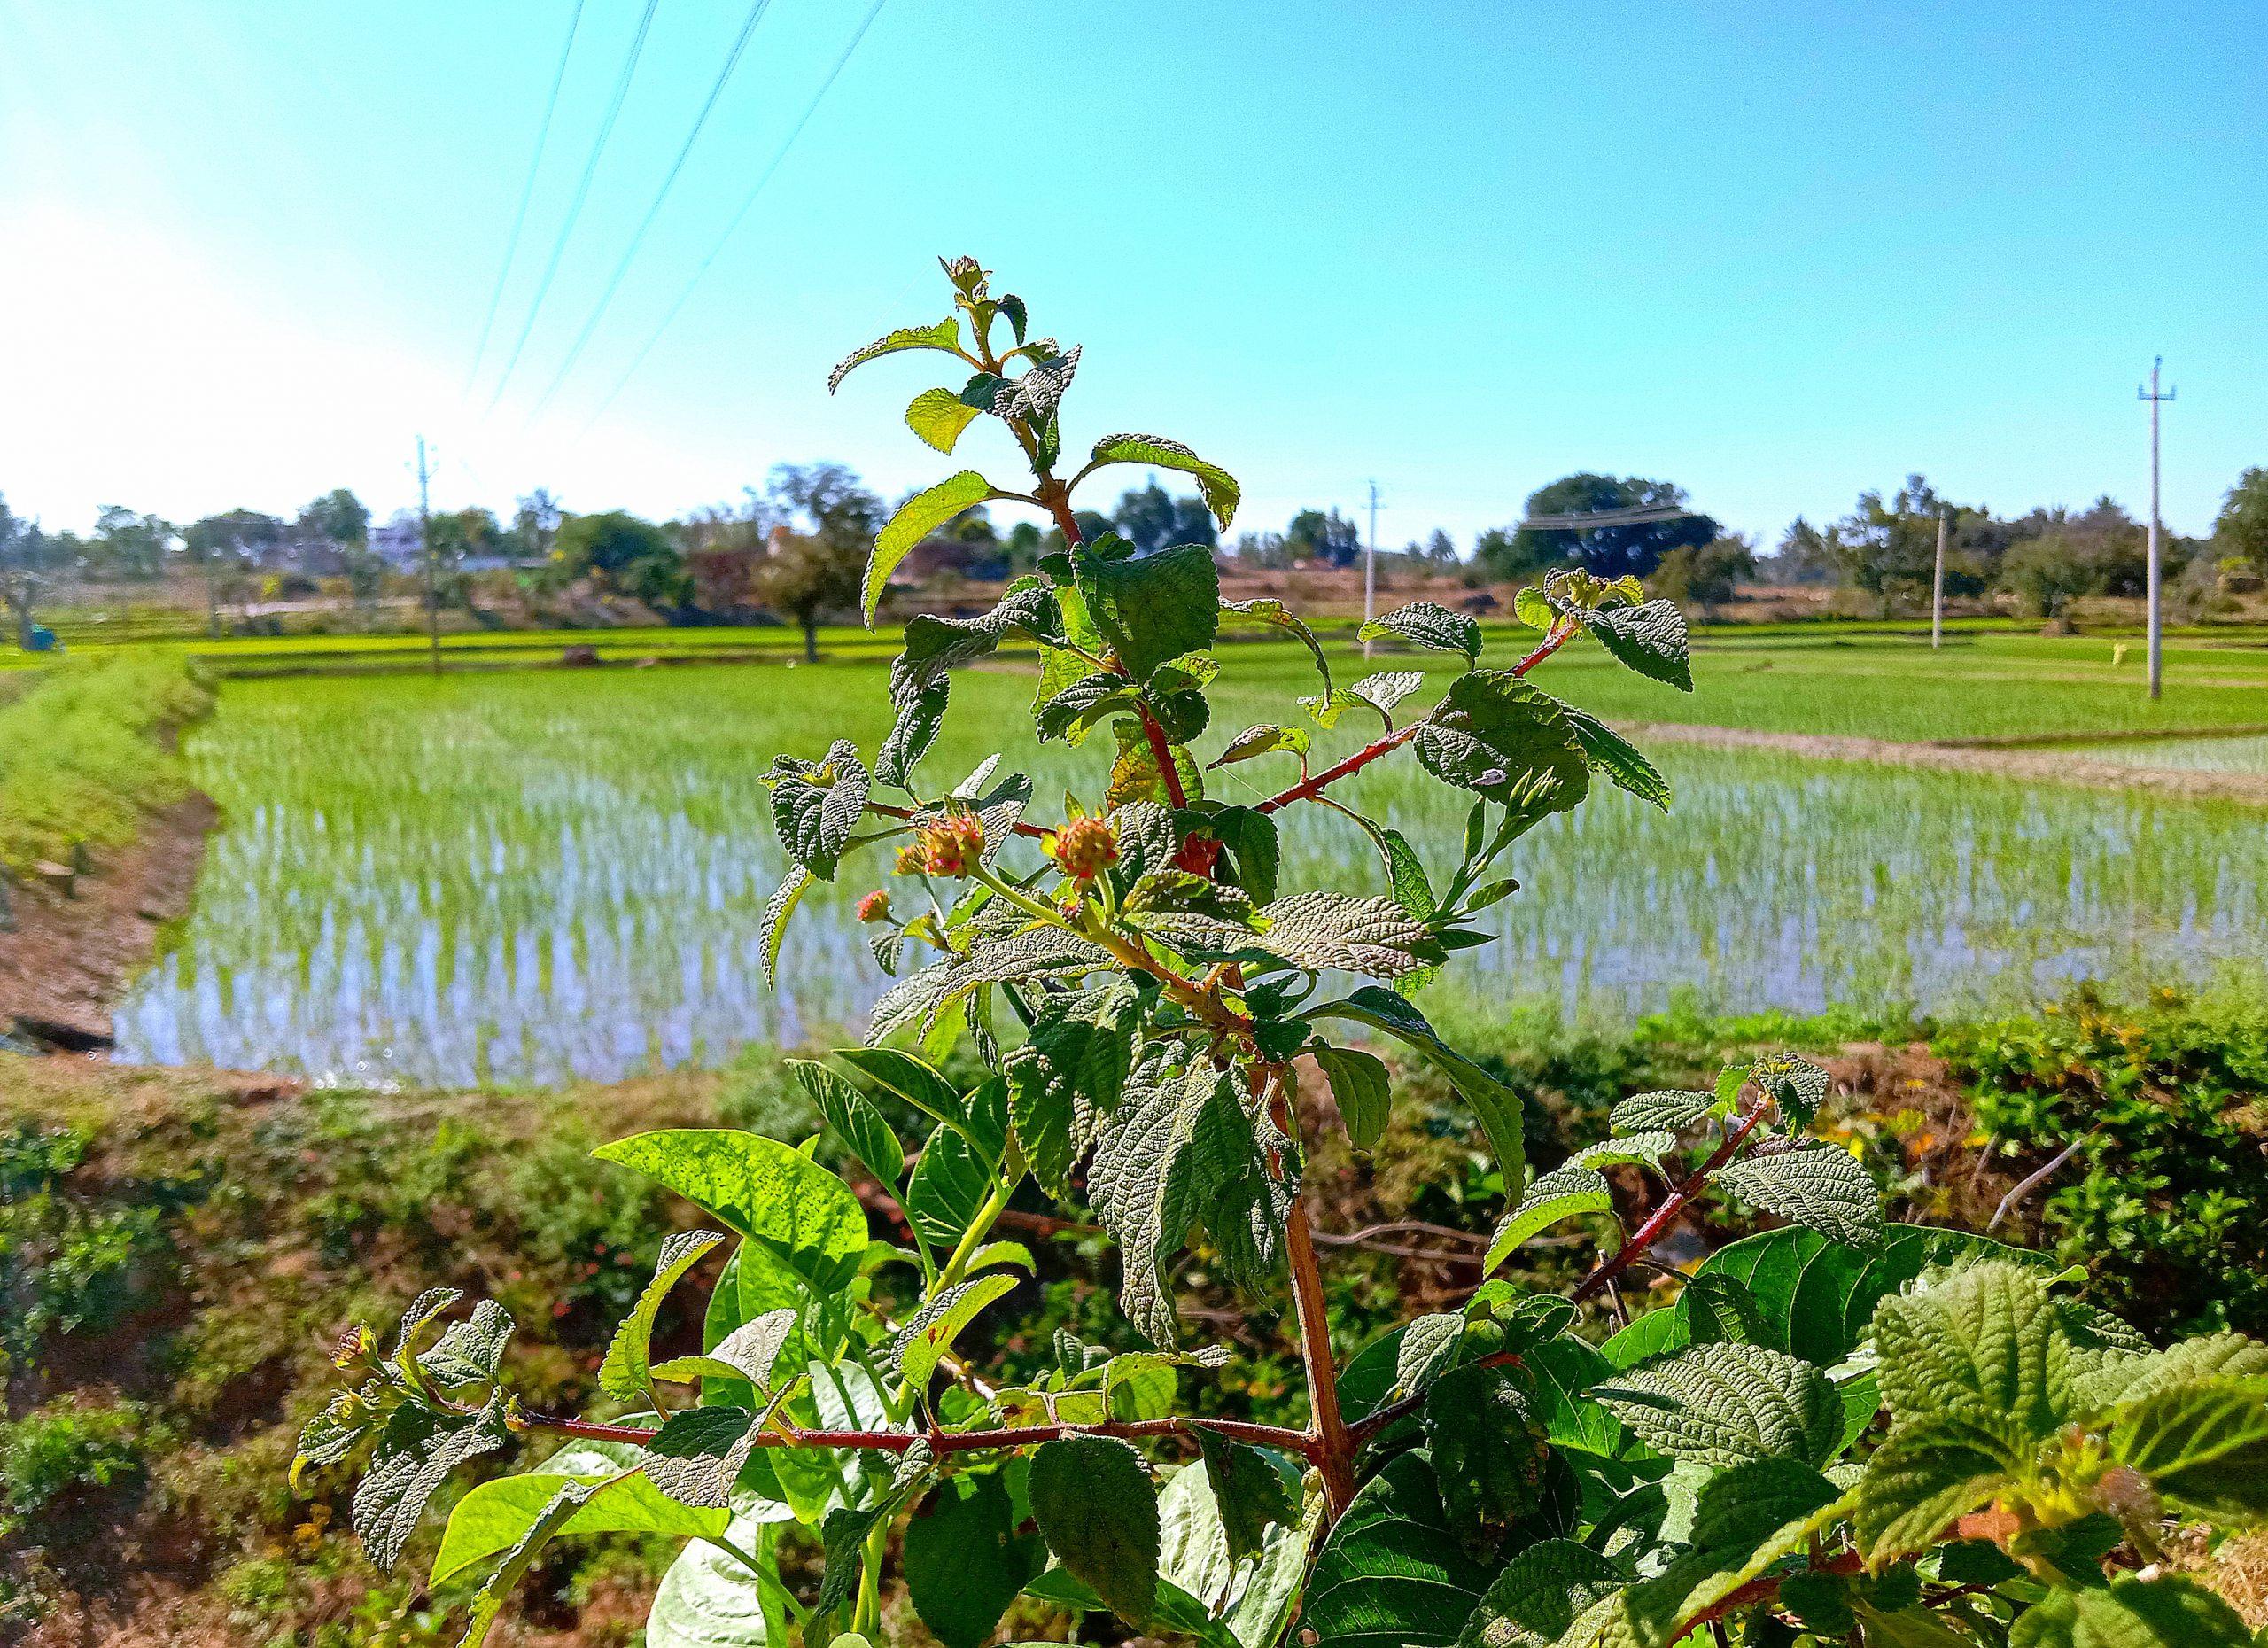 A plant near paddy fields